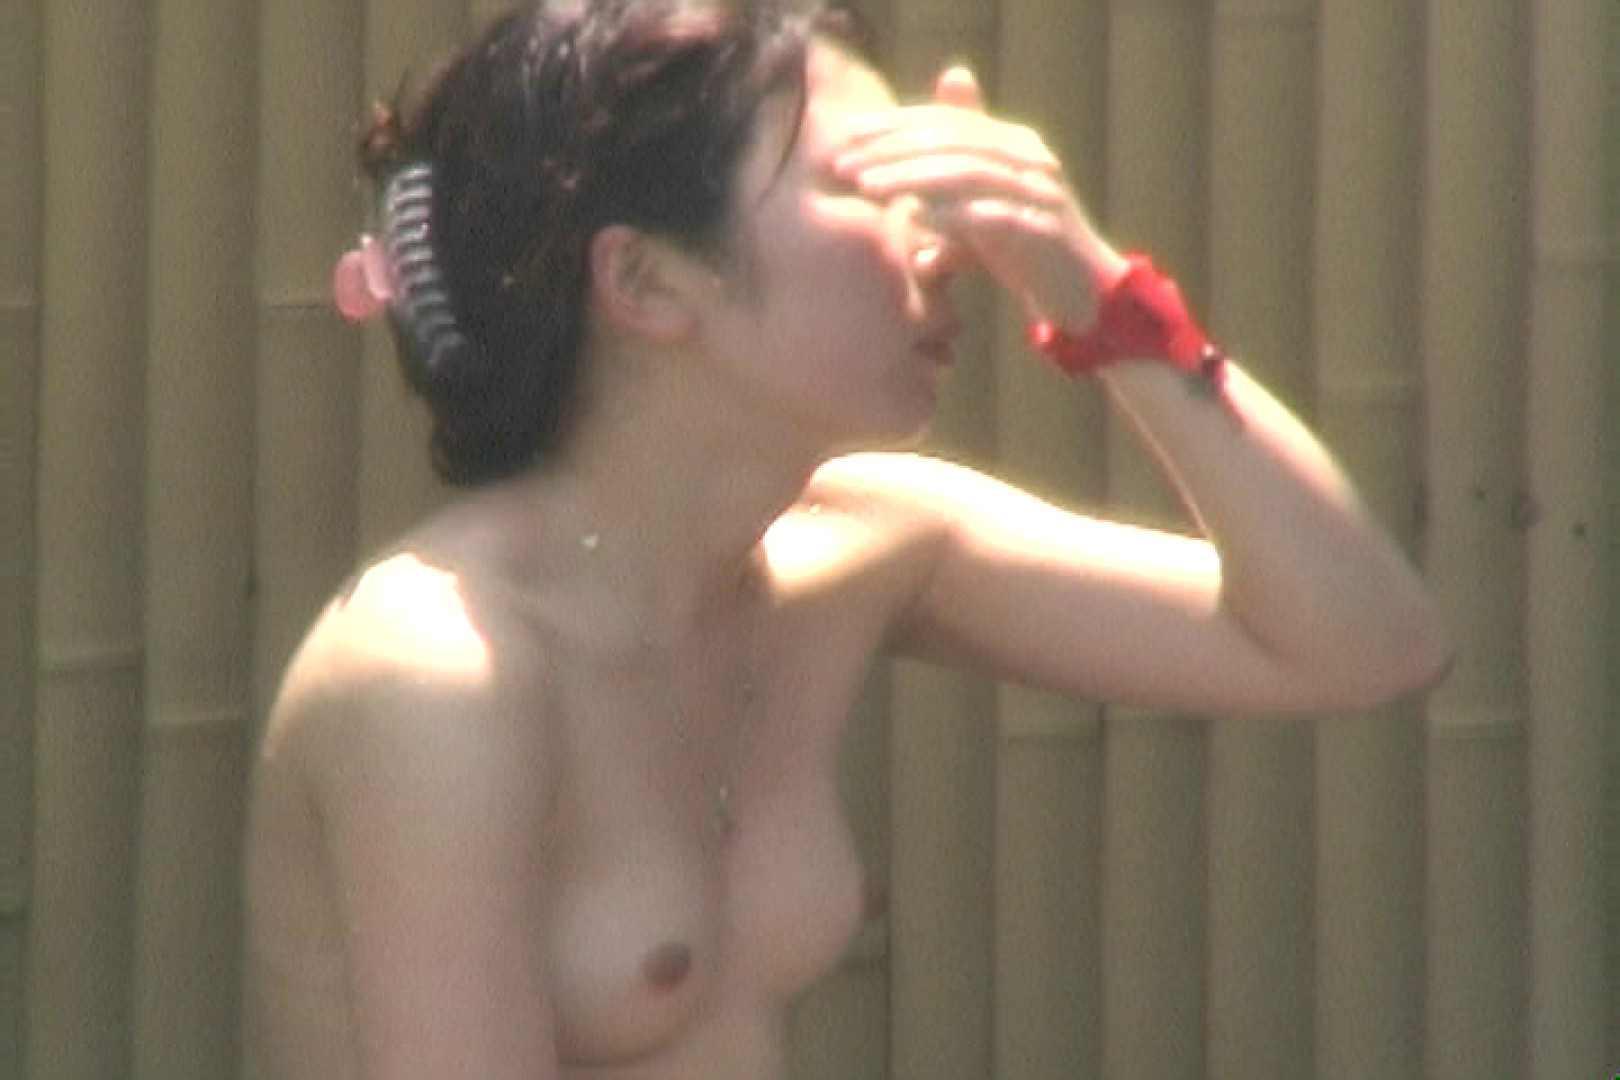 Aquaな露天風呂Vol.31【VIP】 盗撮シリーズ  112PIX 104